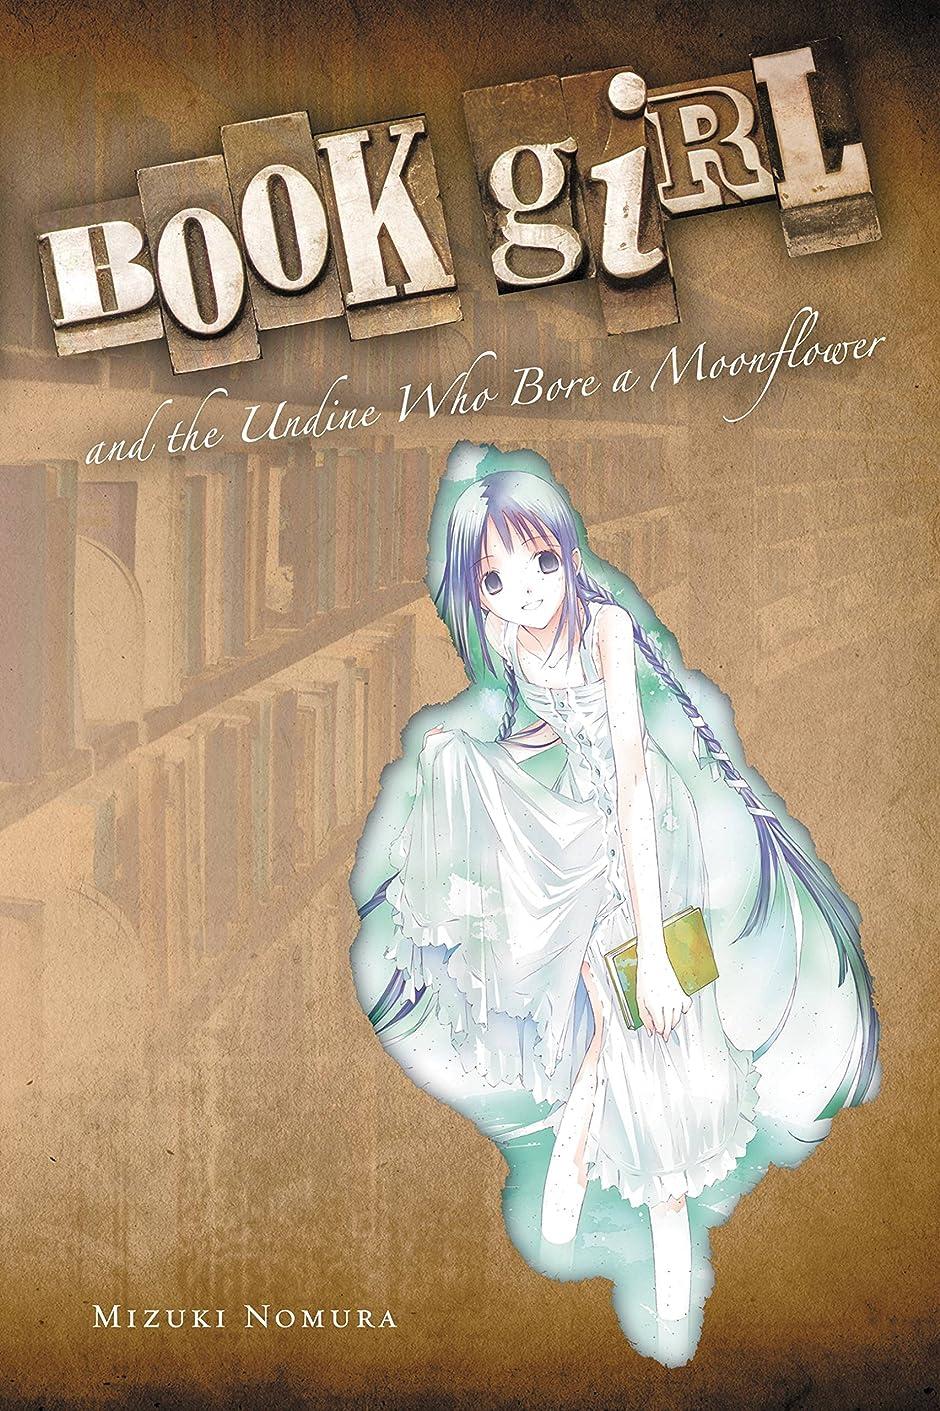 学ぶレース蛇行Book Girl and the Undine Who Bore a Moonflower (light novel) (English Edition)